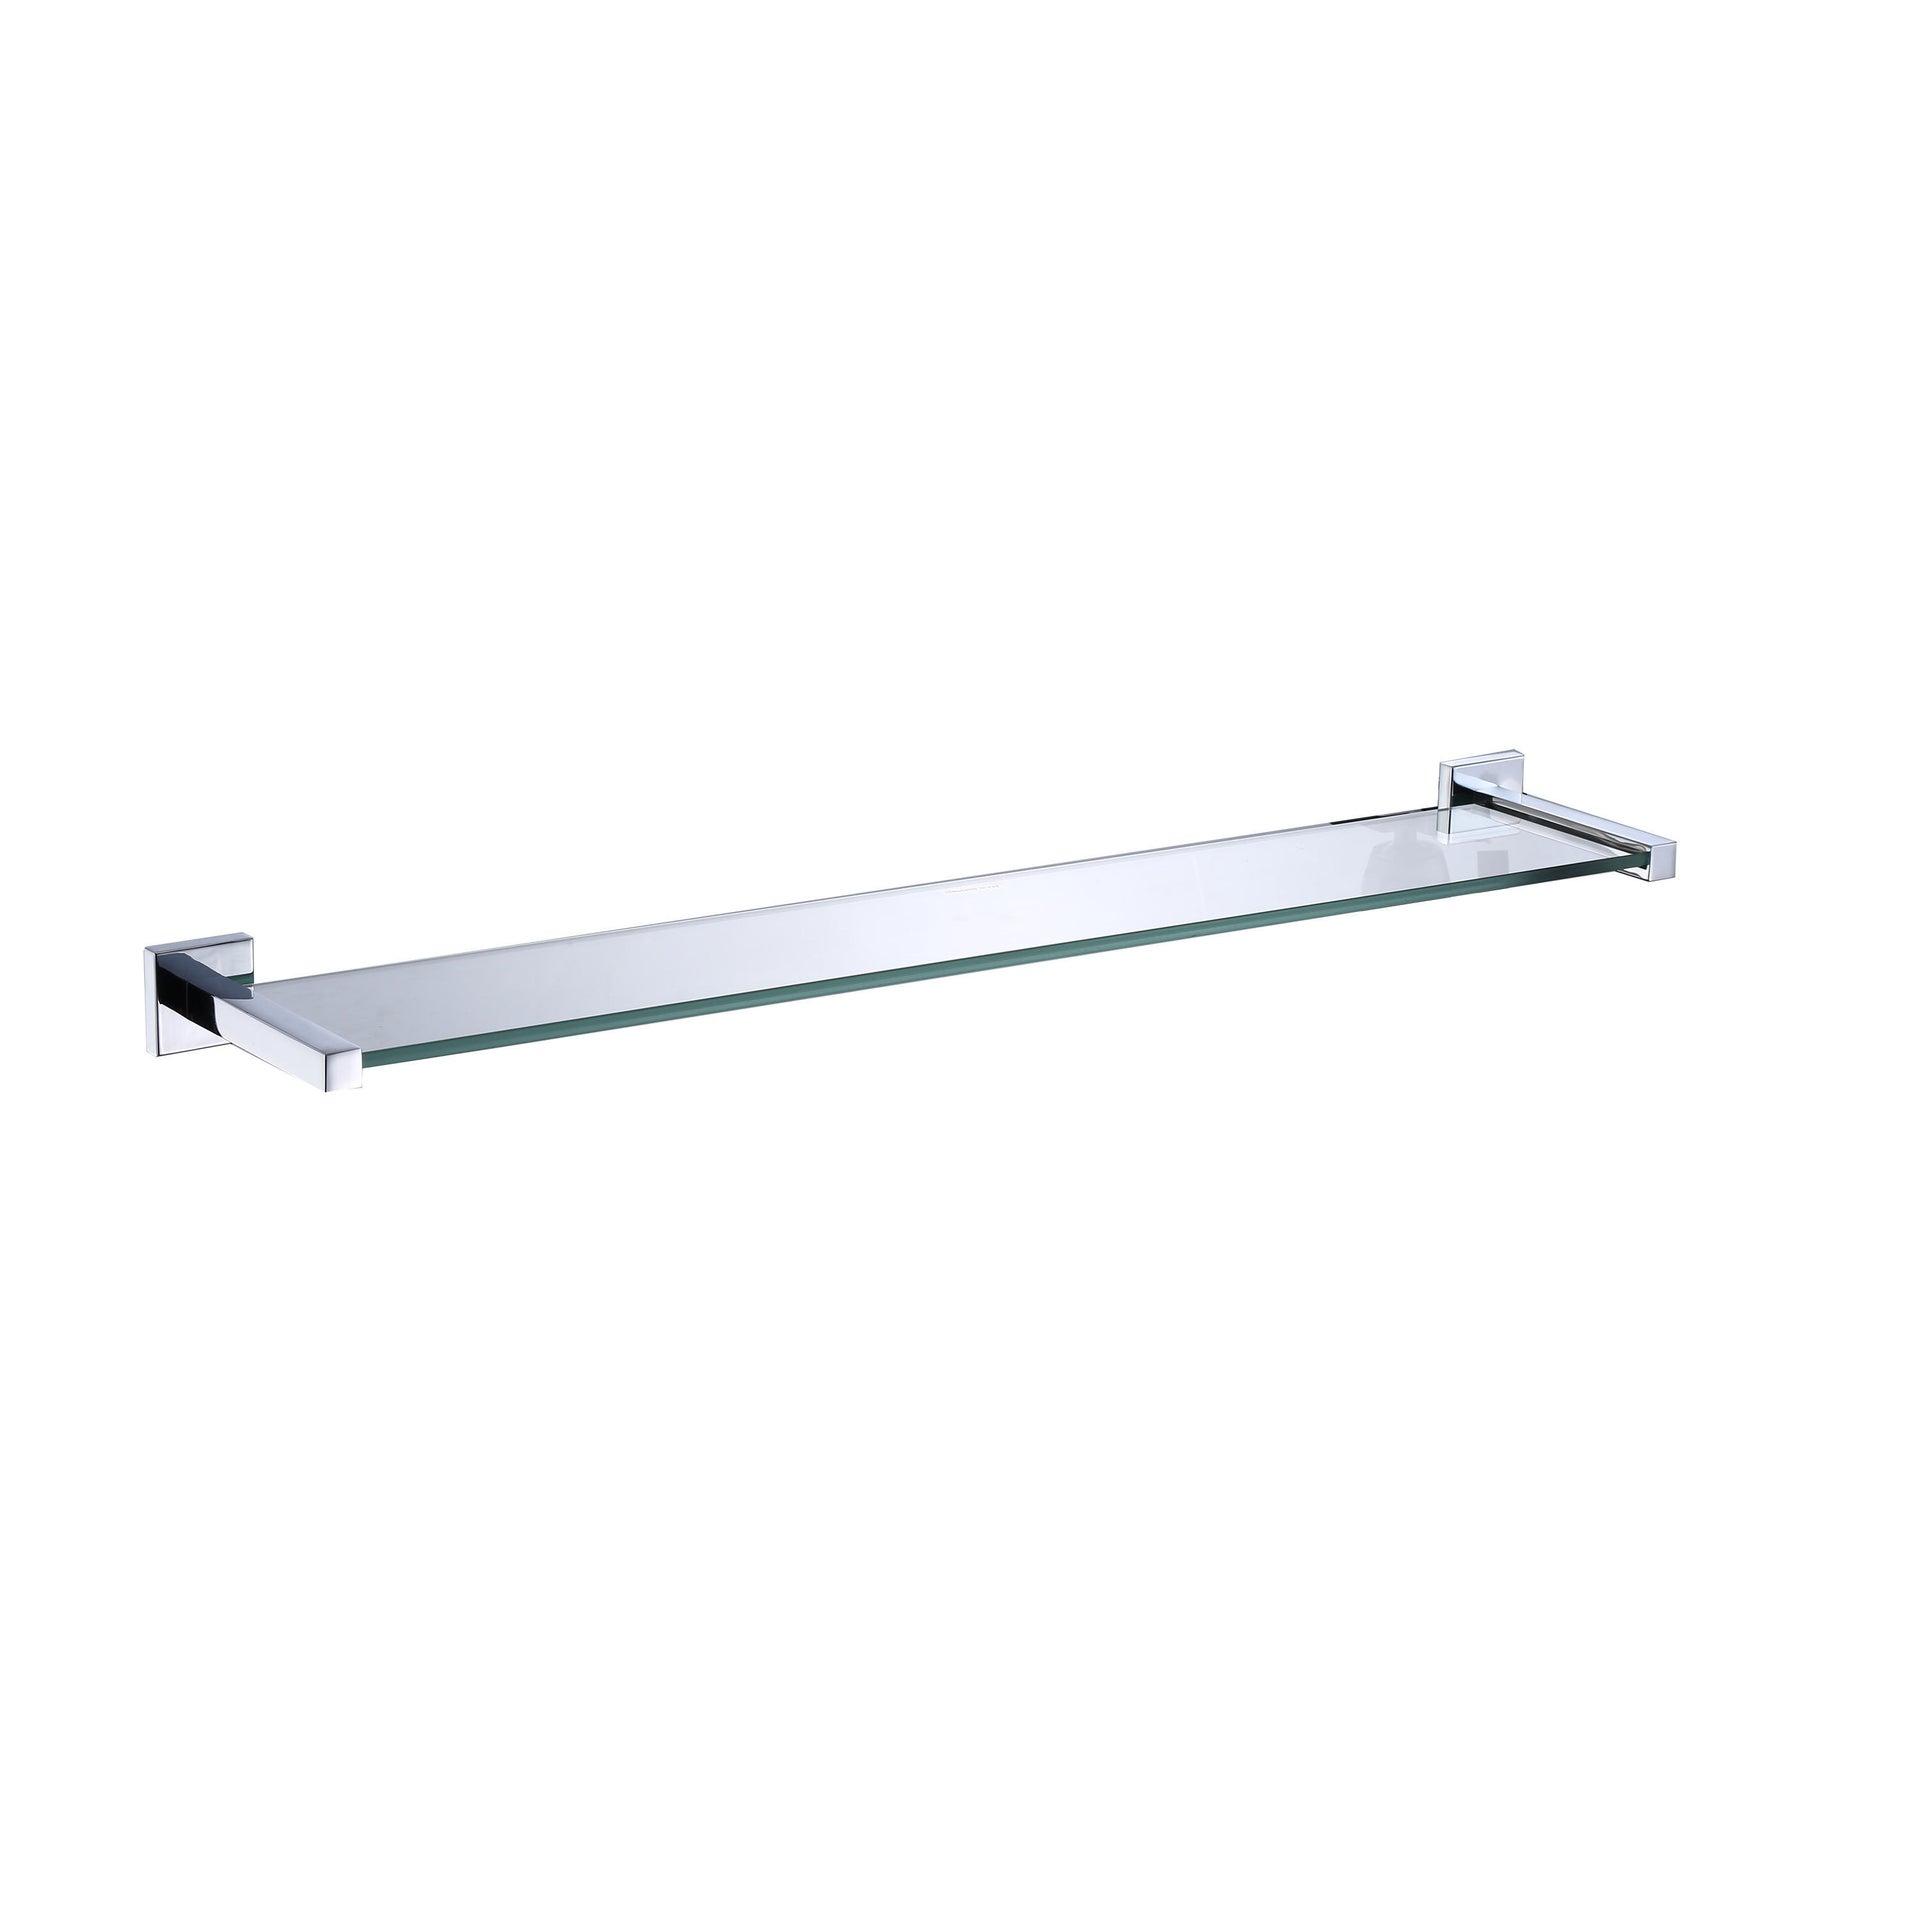 Mensola per bagno Quaddro L 64 cm trasparente - 1